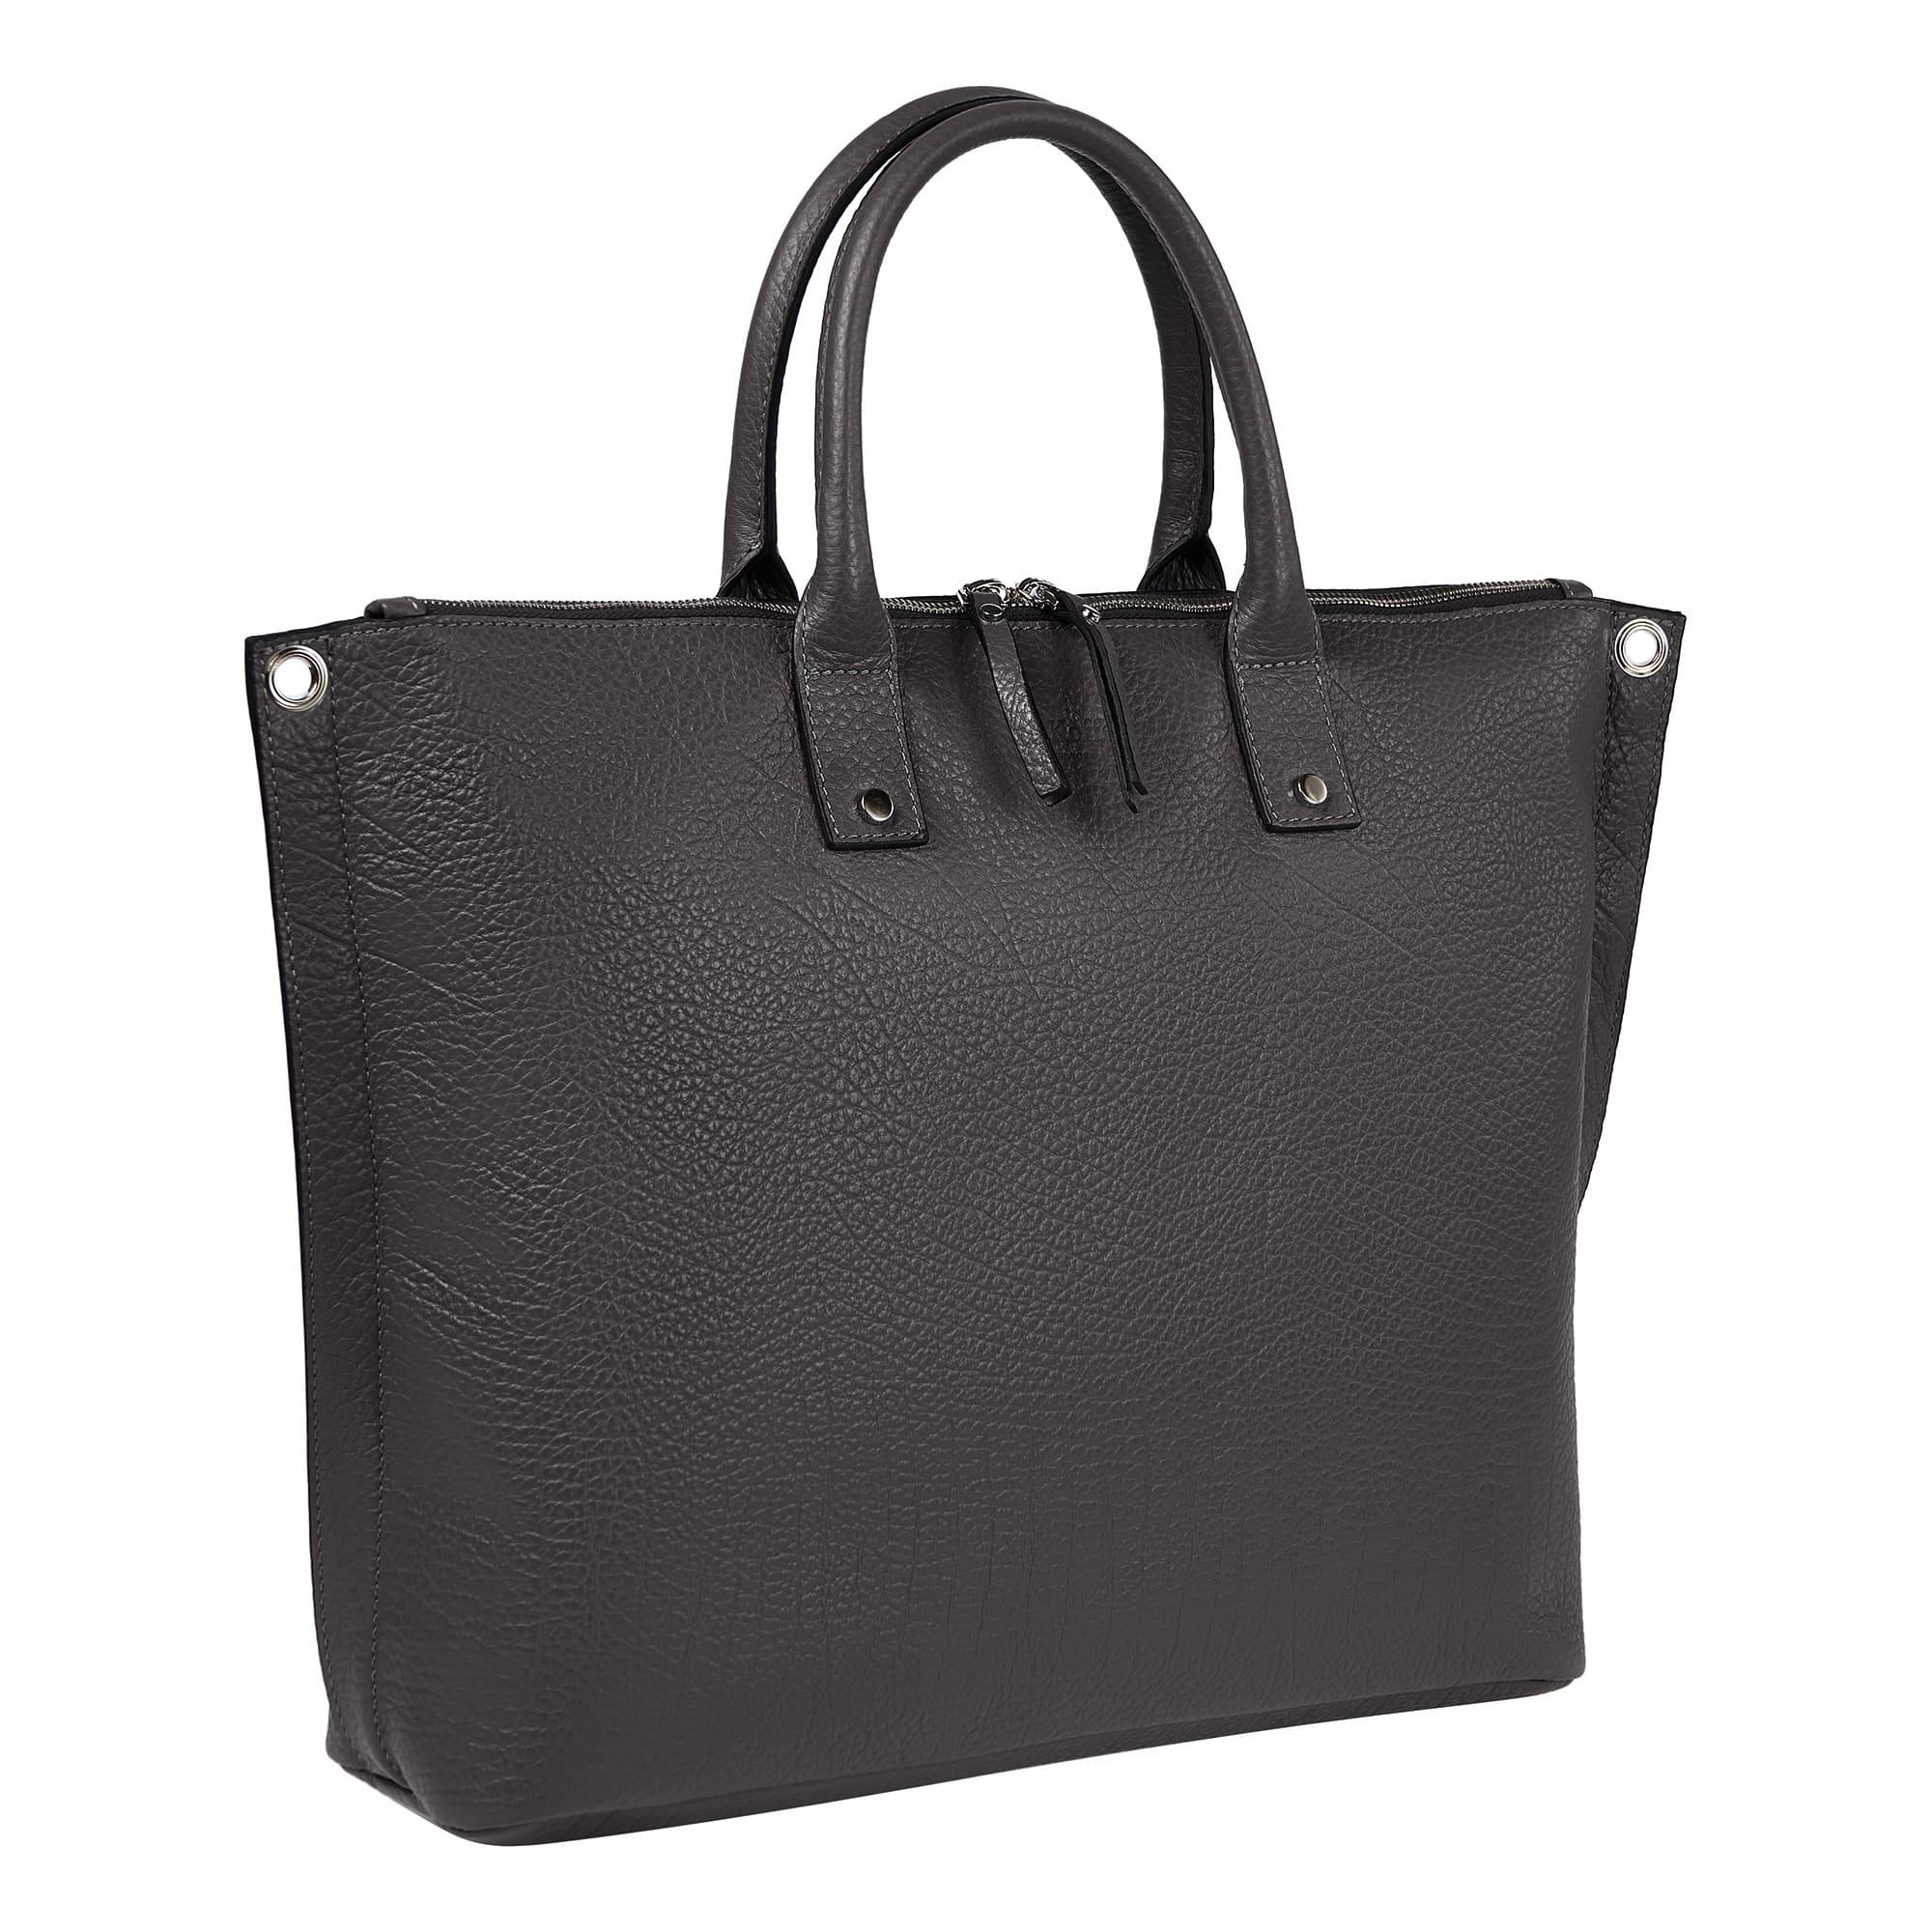 Др.Коффер 5599BN-09 сумка женская